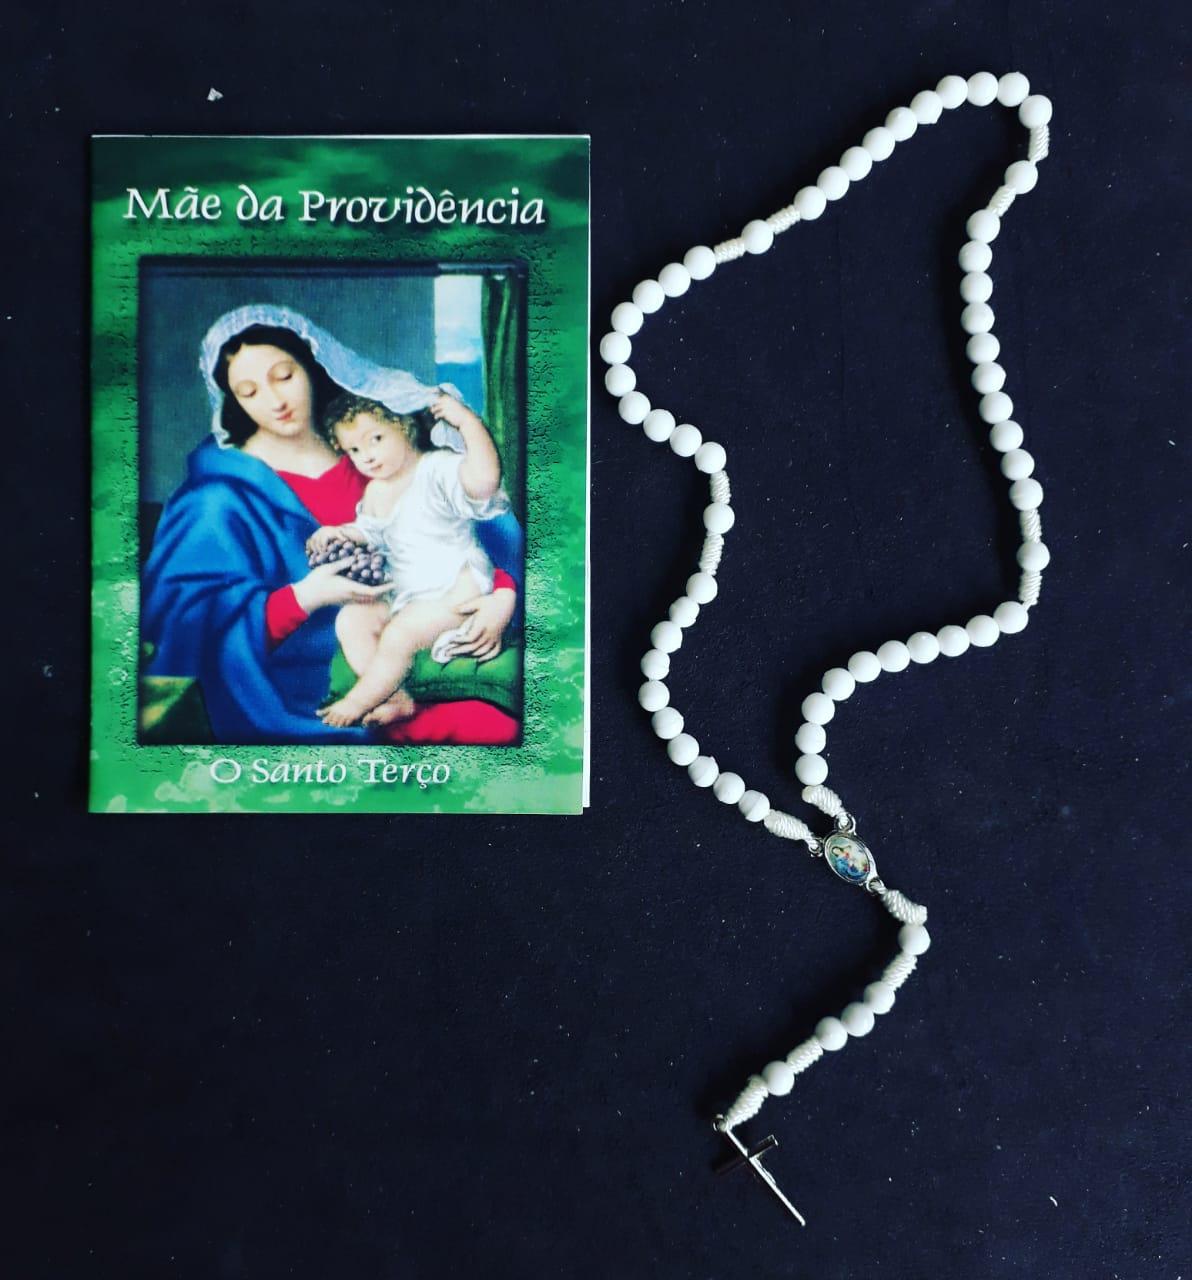 TR29 - Mãe da Providencia o Santo Terço Plastico 5mm c/ Oração  - VindVedShop - Distribuidora Catolica